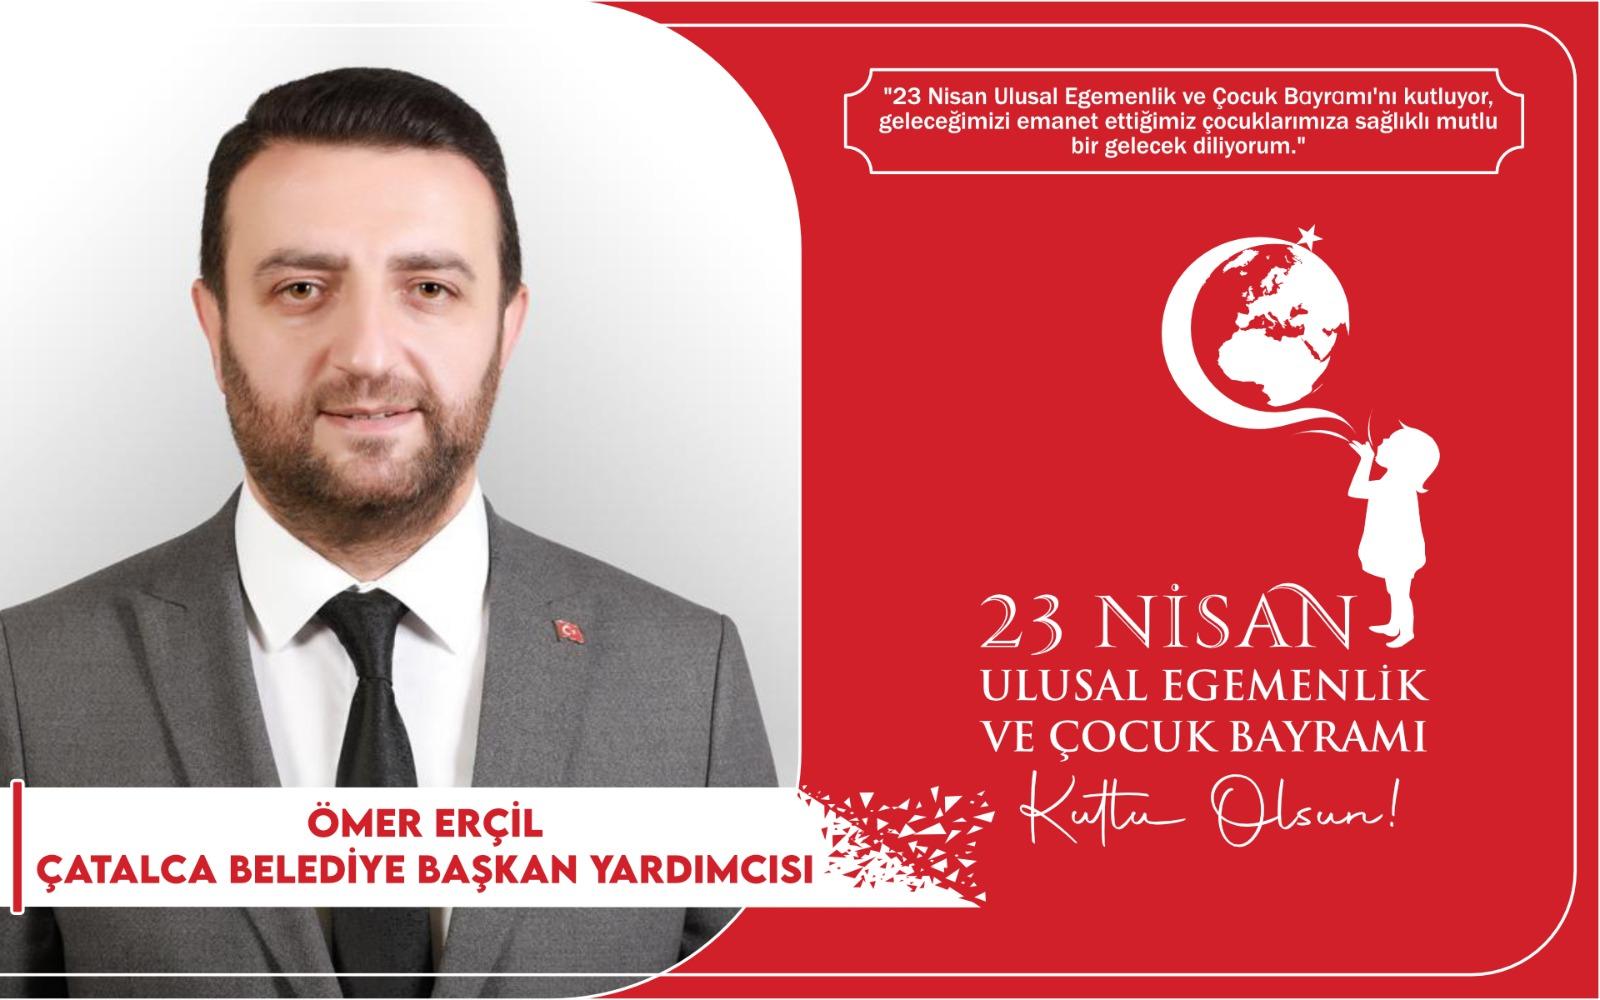 Ömer Erçin'den kutlama ilanı